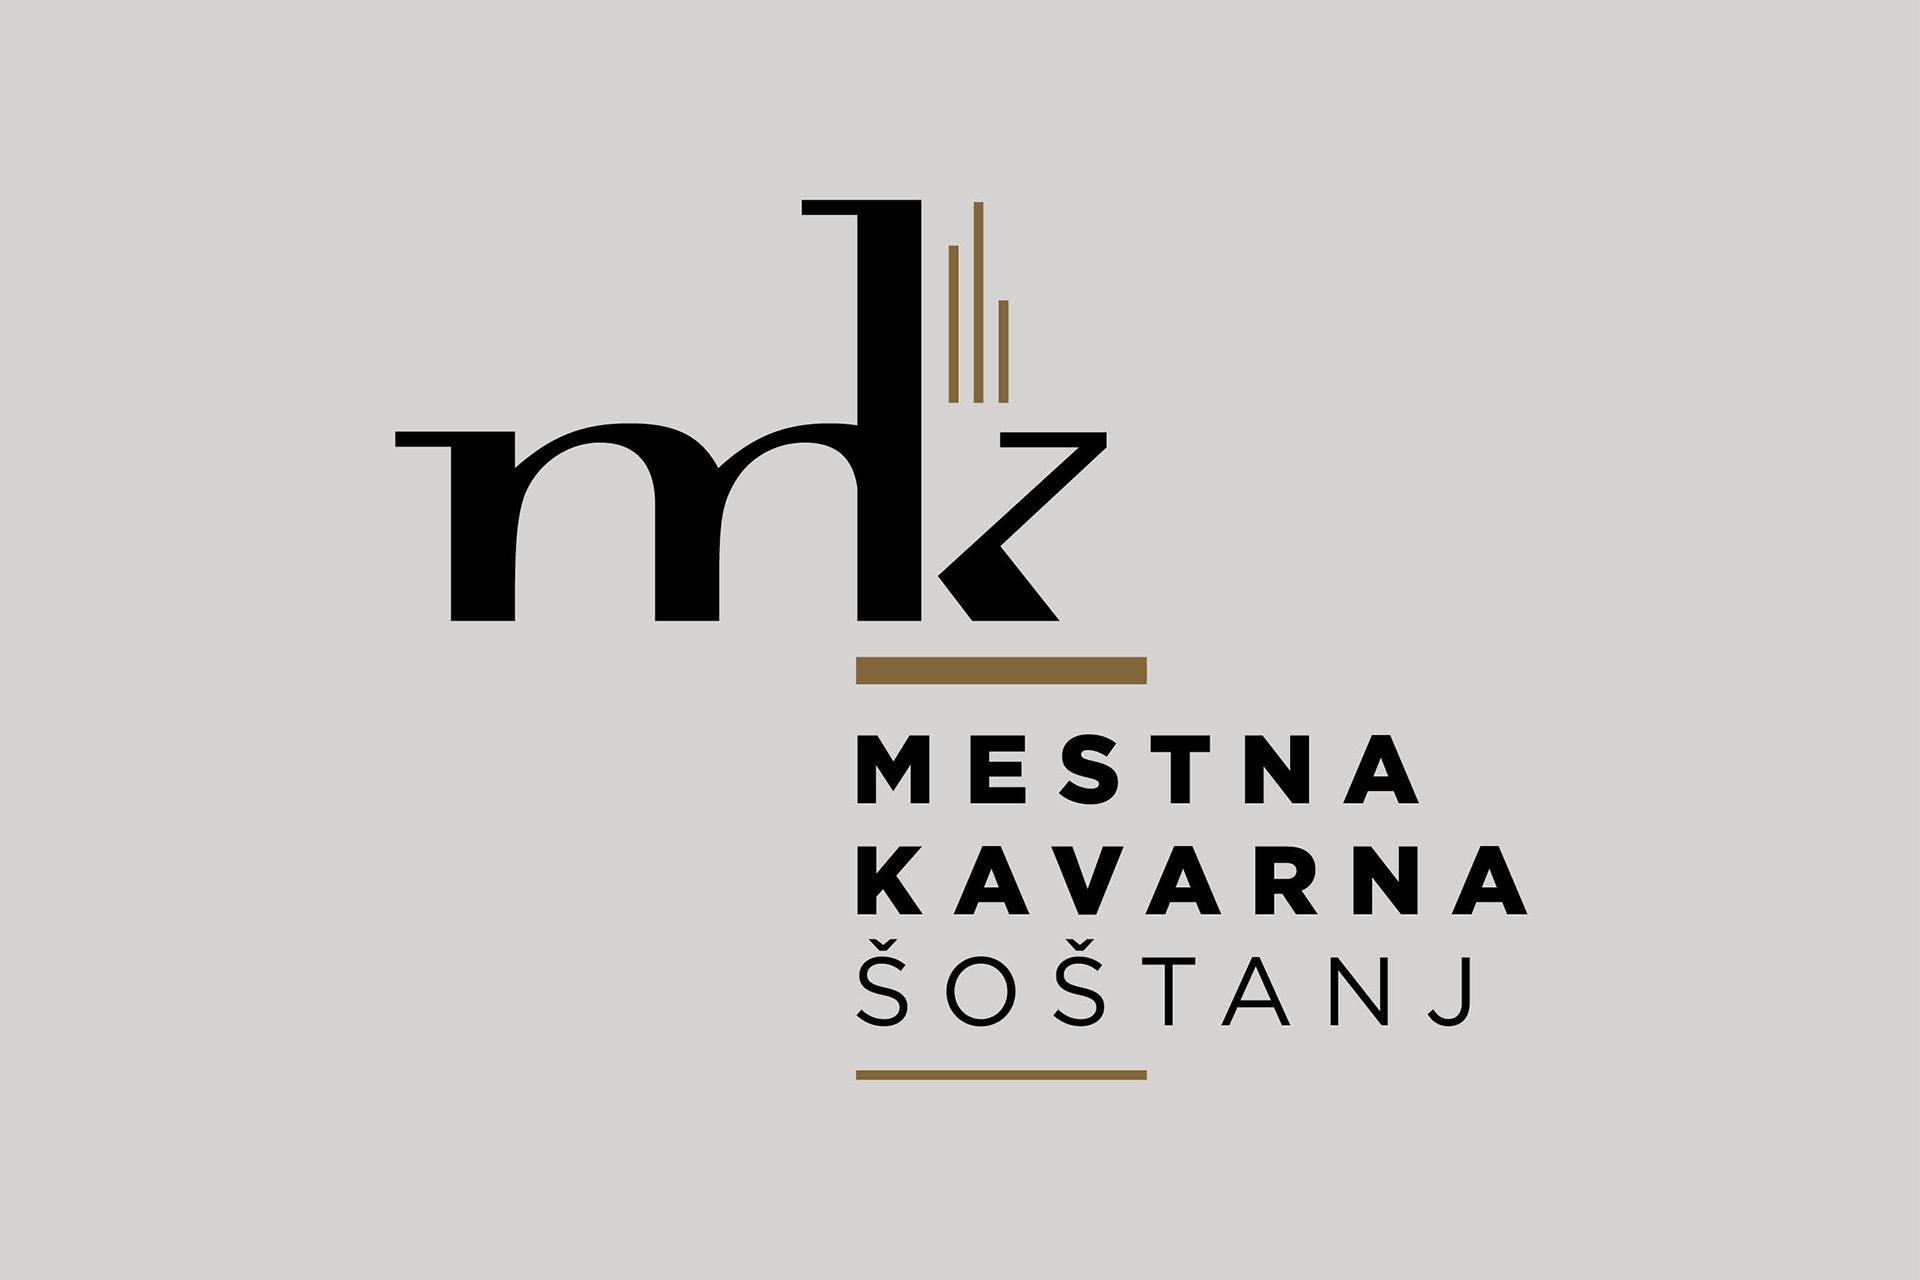 znaki_mestna_kavarna2